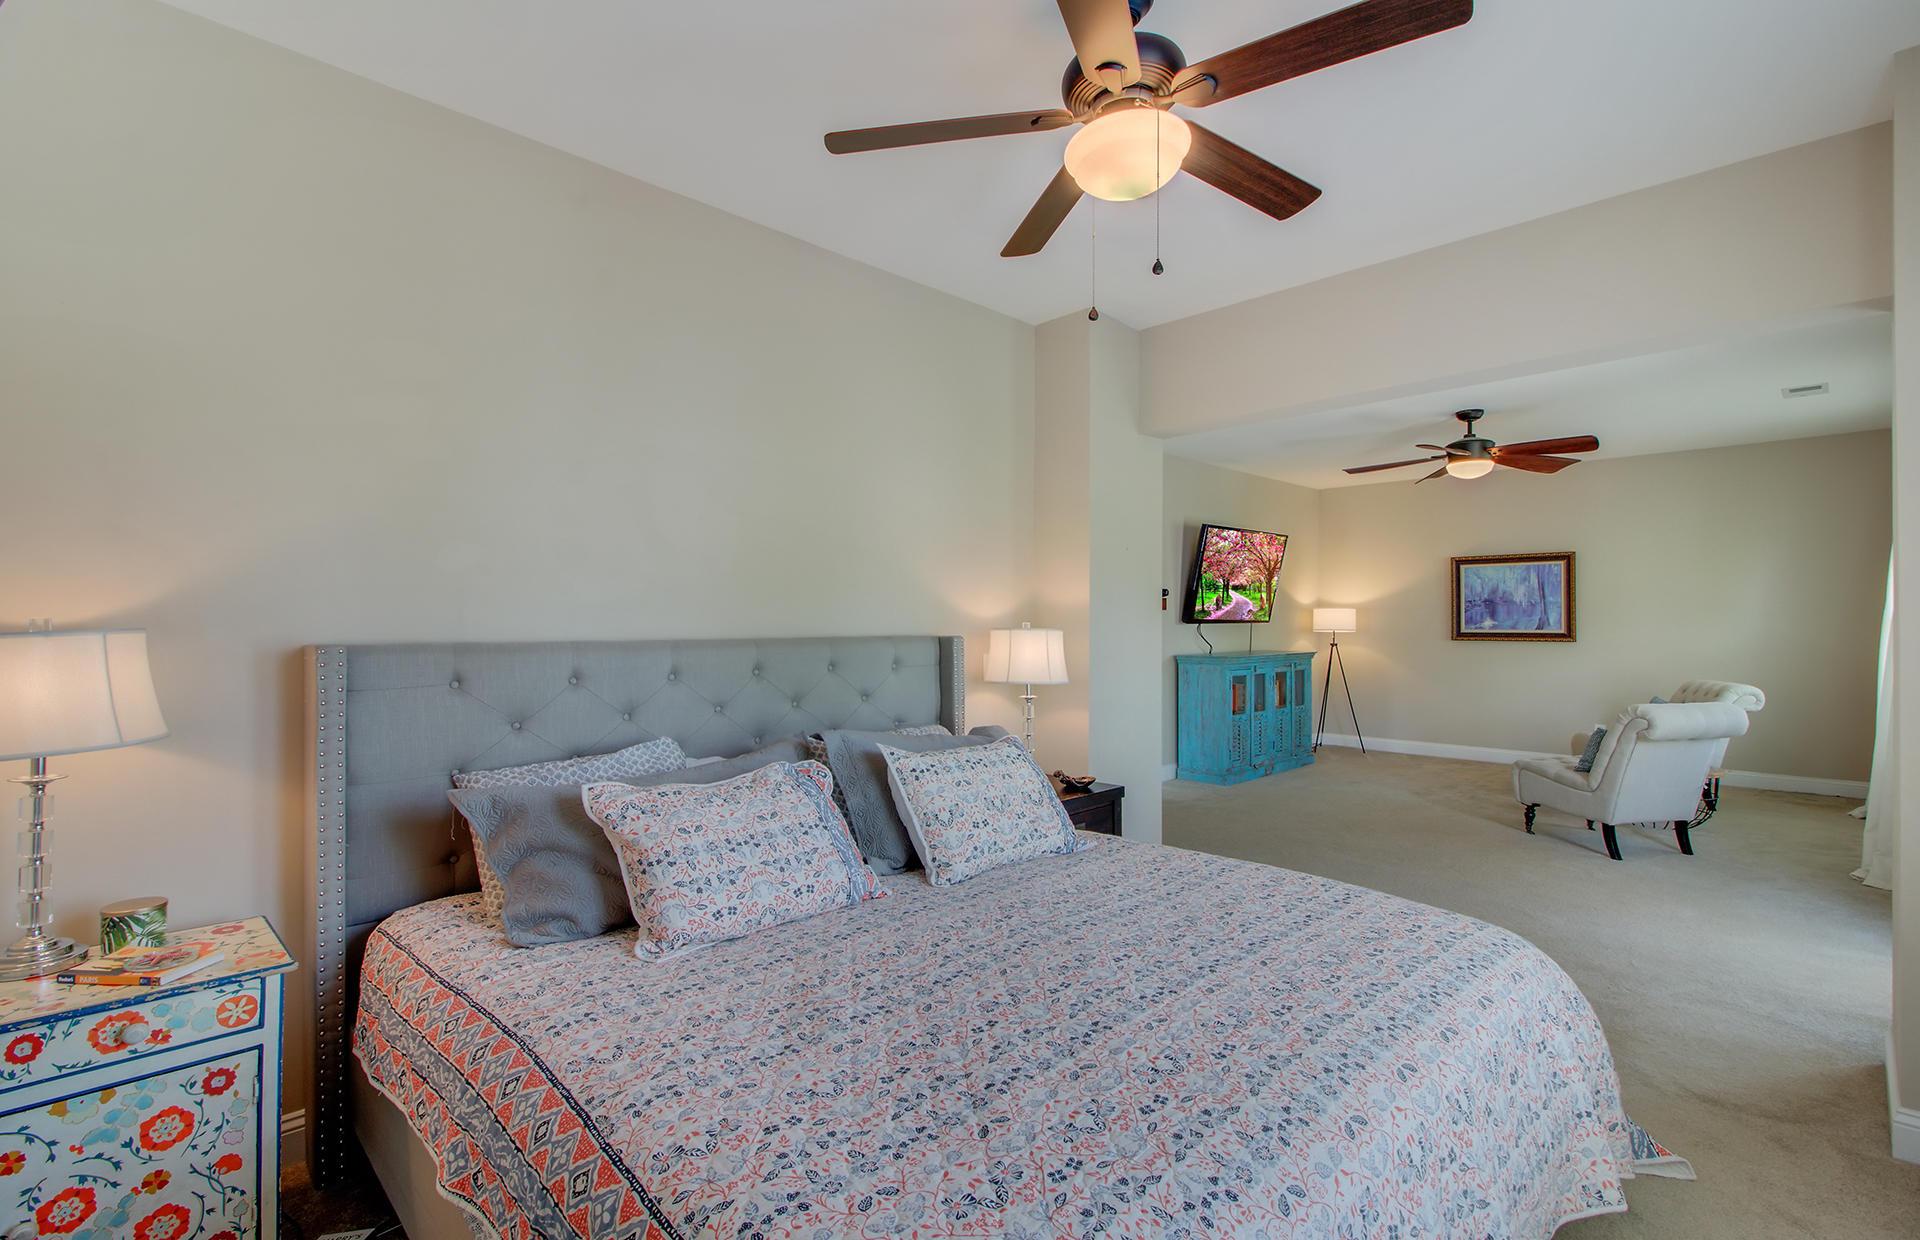 Boltons Landing Homes For Sale - 1749 Batten, Charleston, SC - 4